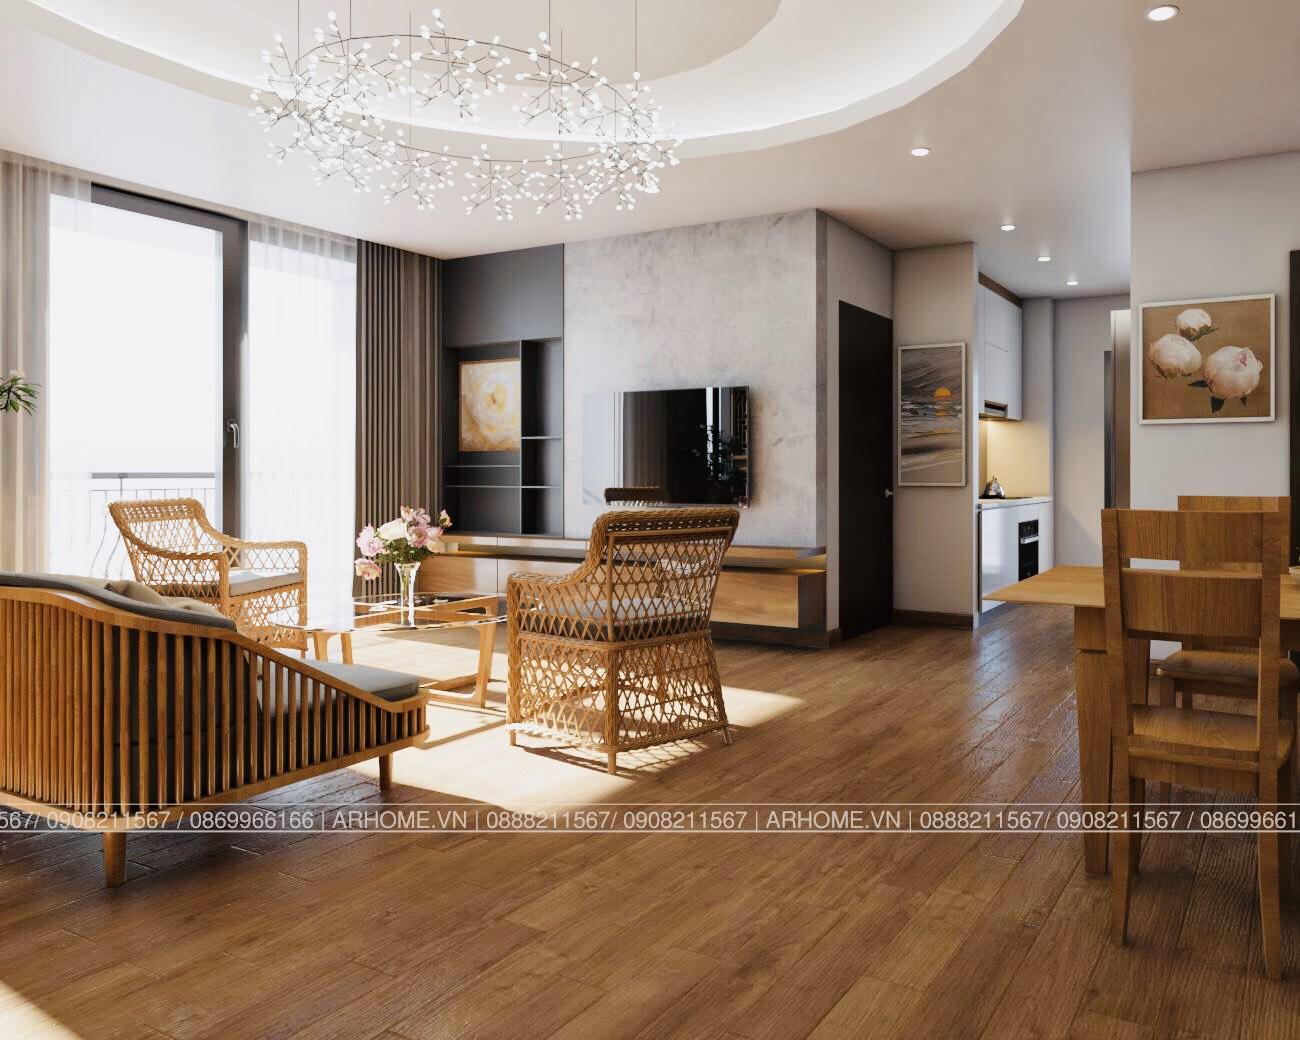 Thiết kế nội thất Chung Cư tại Hà Nội Ấn tượng khó phai với Thiết kế nội thất căn hộ Chung cư Lạc Hồng West Lake của Cô Họa sĩ 1585985648 1